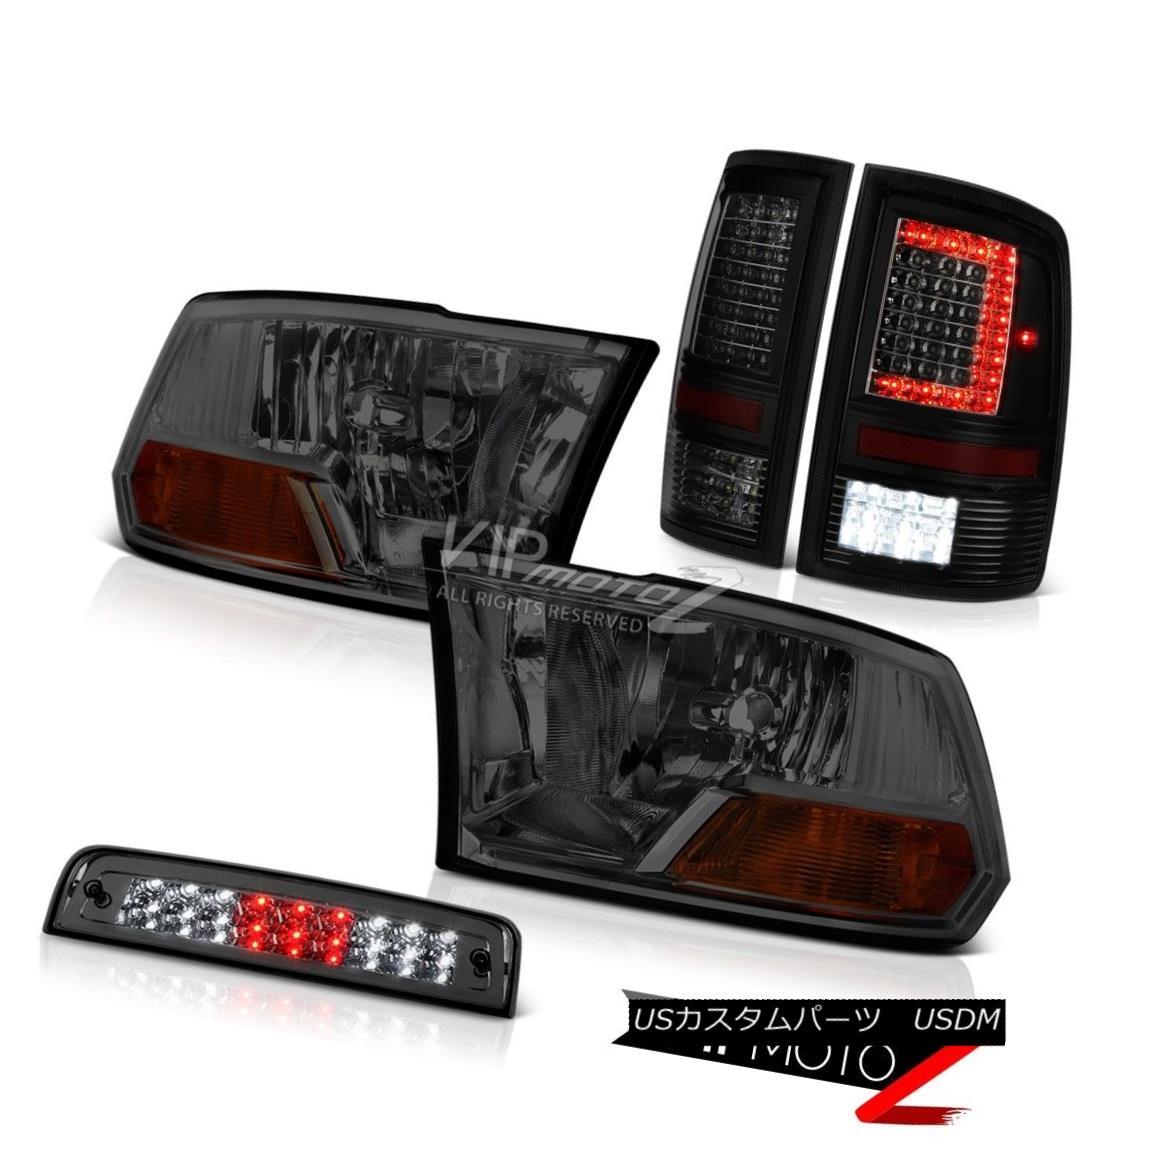 ヘッドライト 2009-2017 Dodge RAM 1500 3500 Tail Lamp 3rd Brake Light Factory Style Head SET 2009-2017 Dodge RAM 1500 3500テールランプ第3ブレーキライト工場スタイルヘッドセット